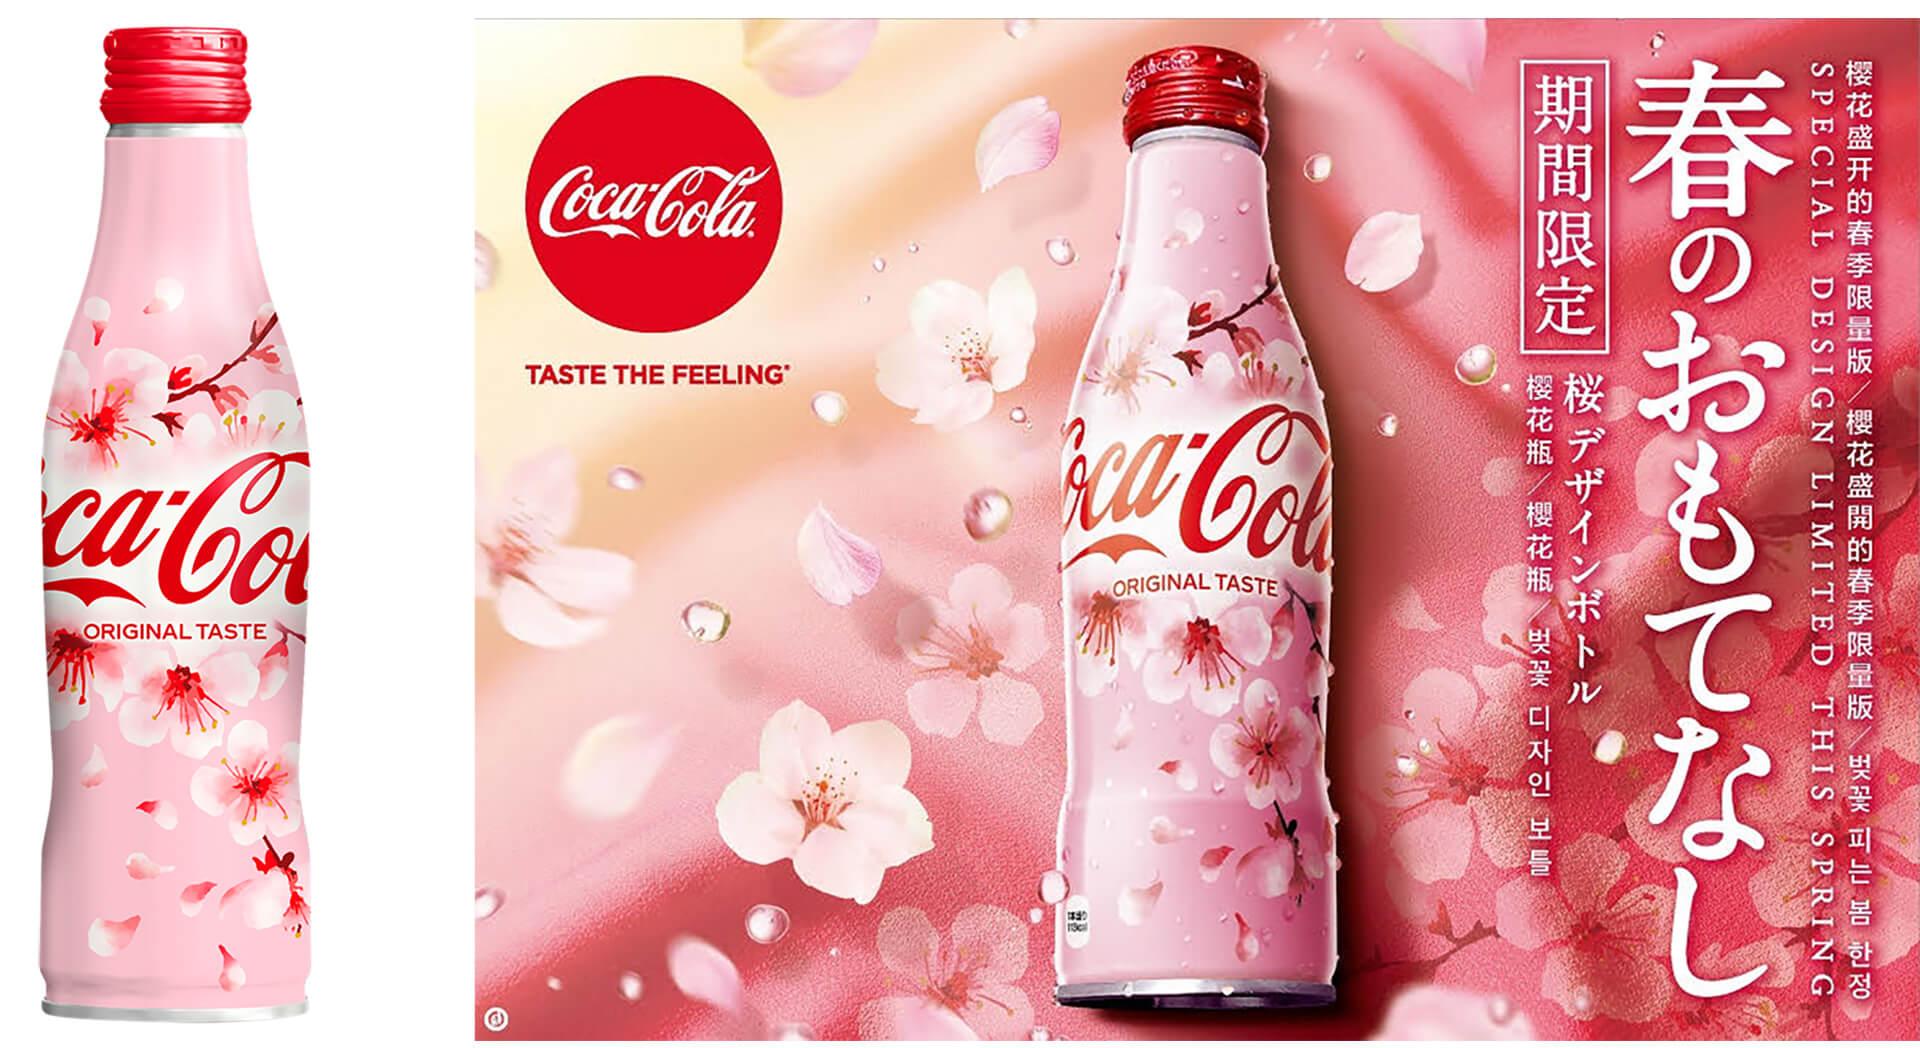 「コカ・コーラ」スリムボトル 2020年 桜デザイン